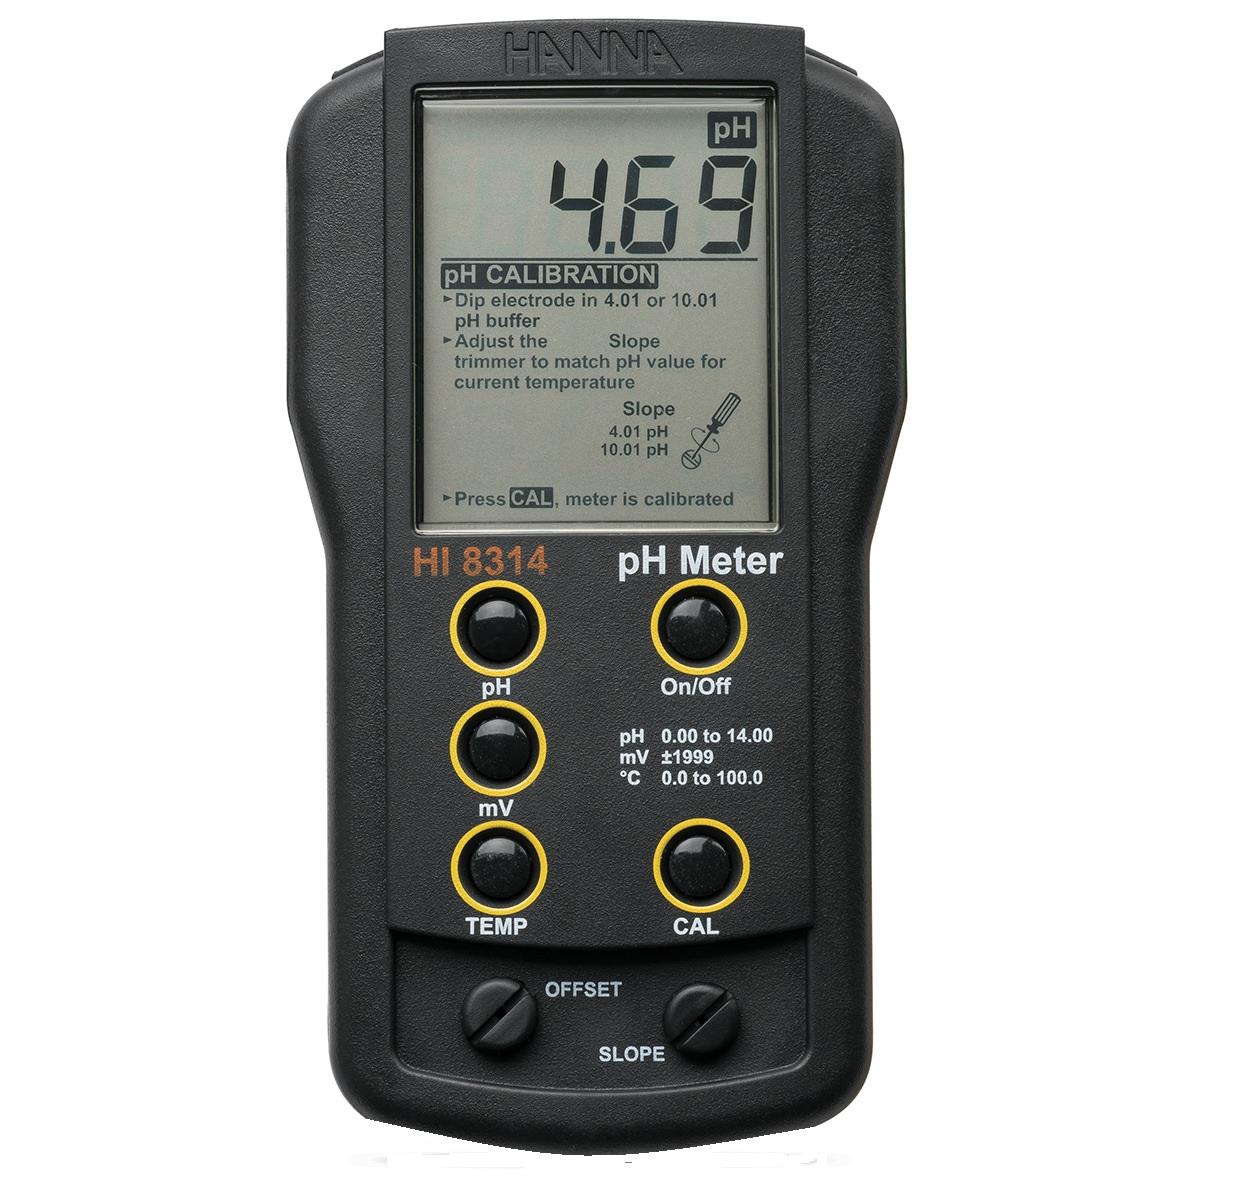 Thiết bị máy đo PH HI 8314